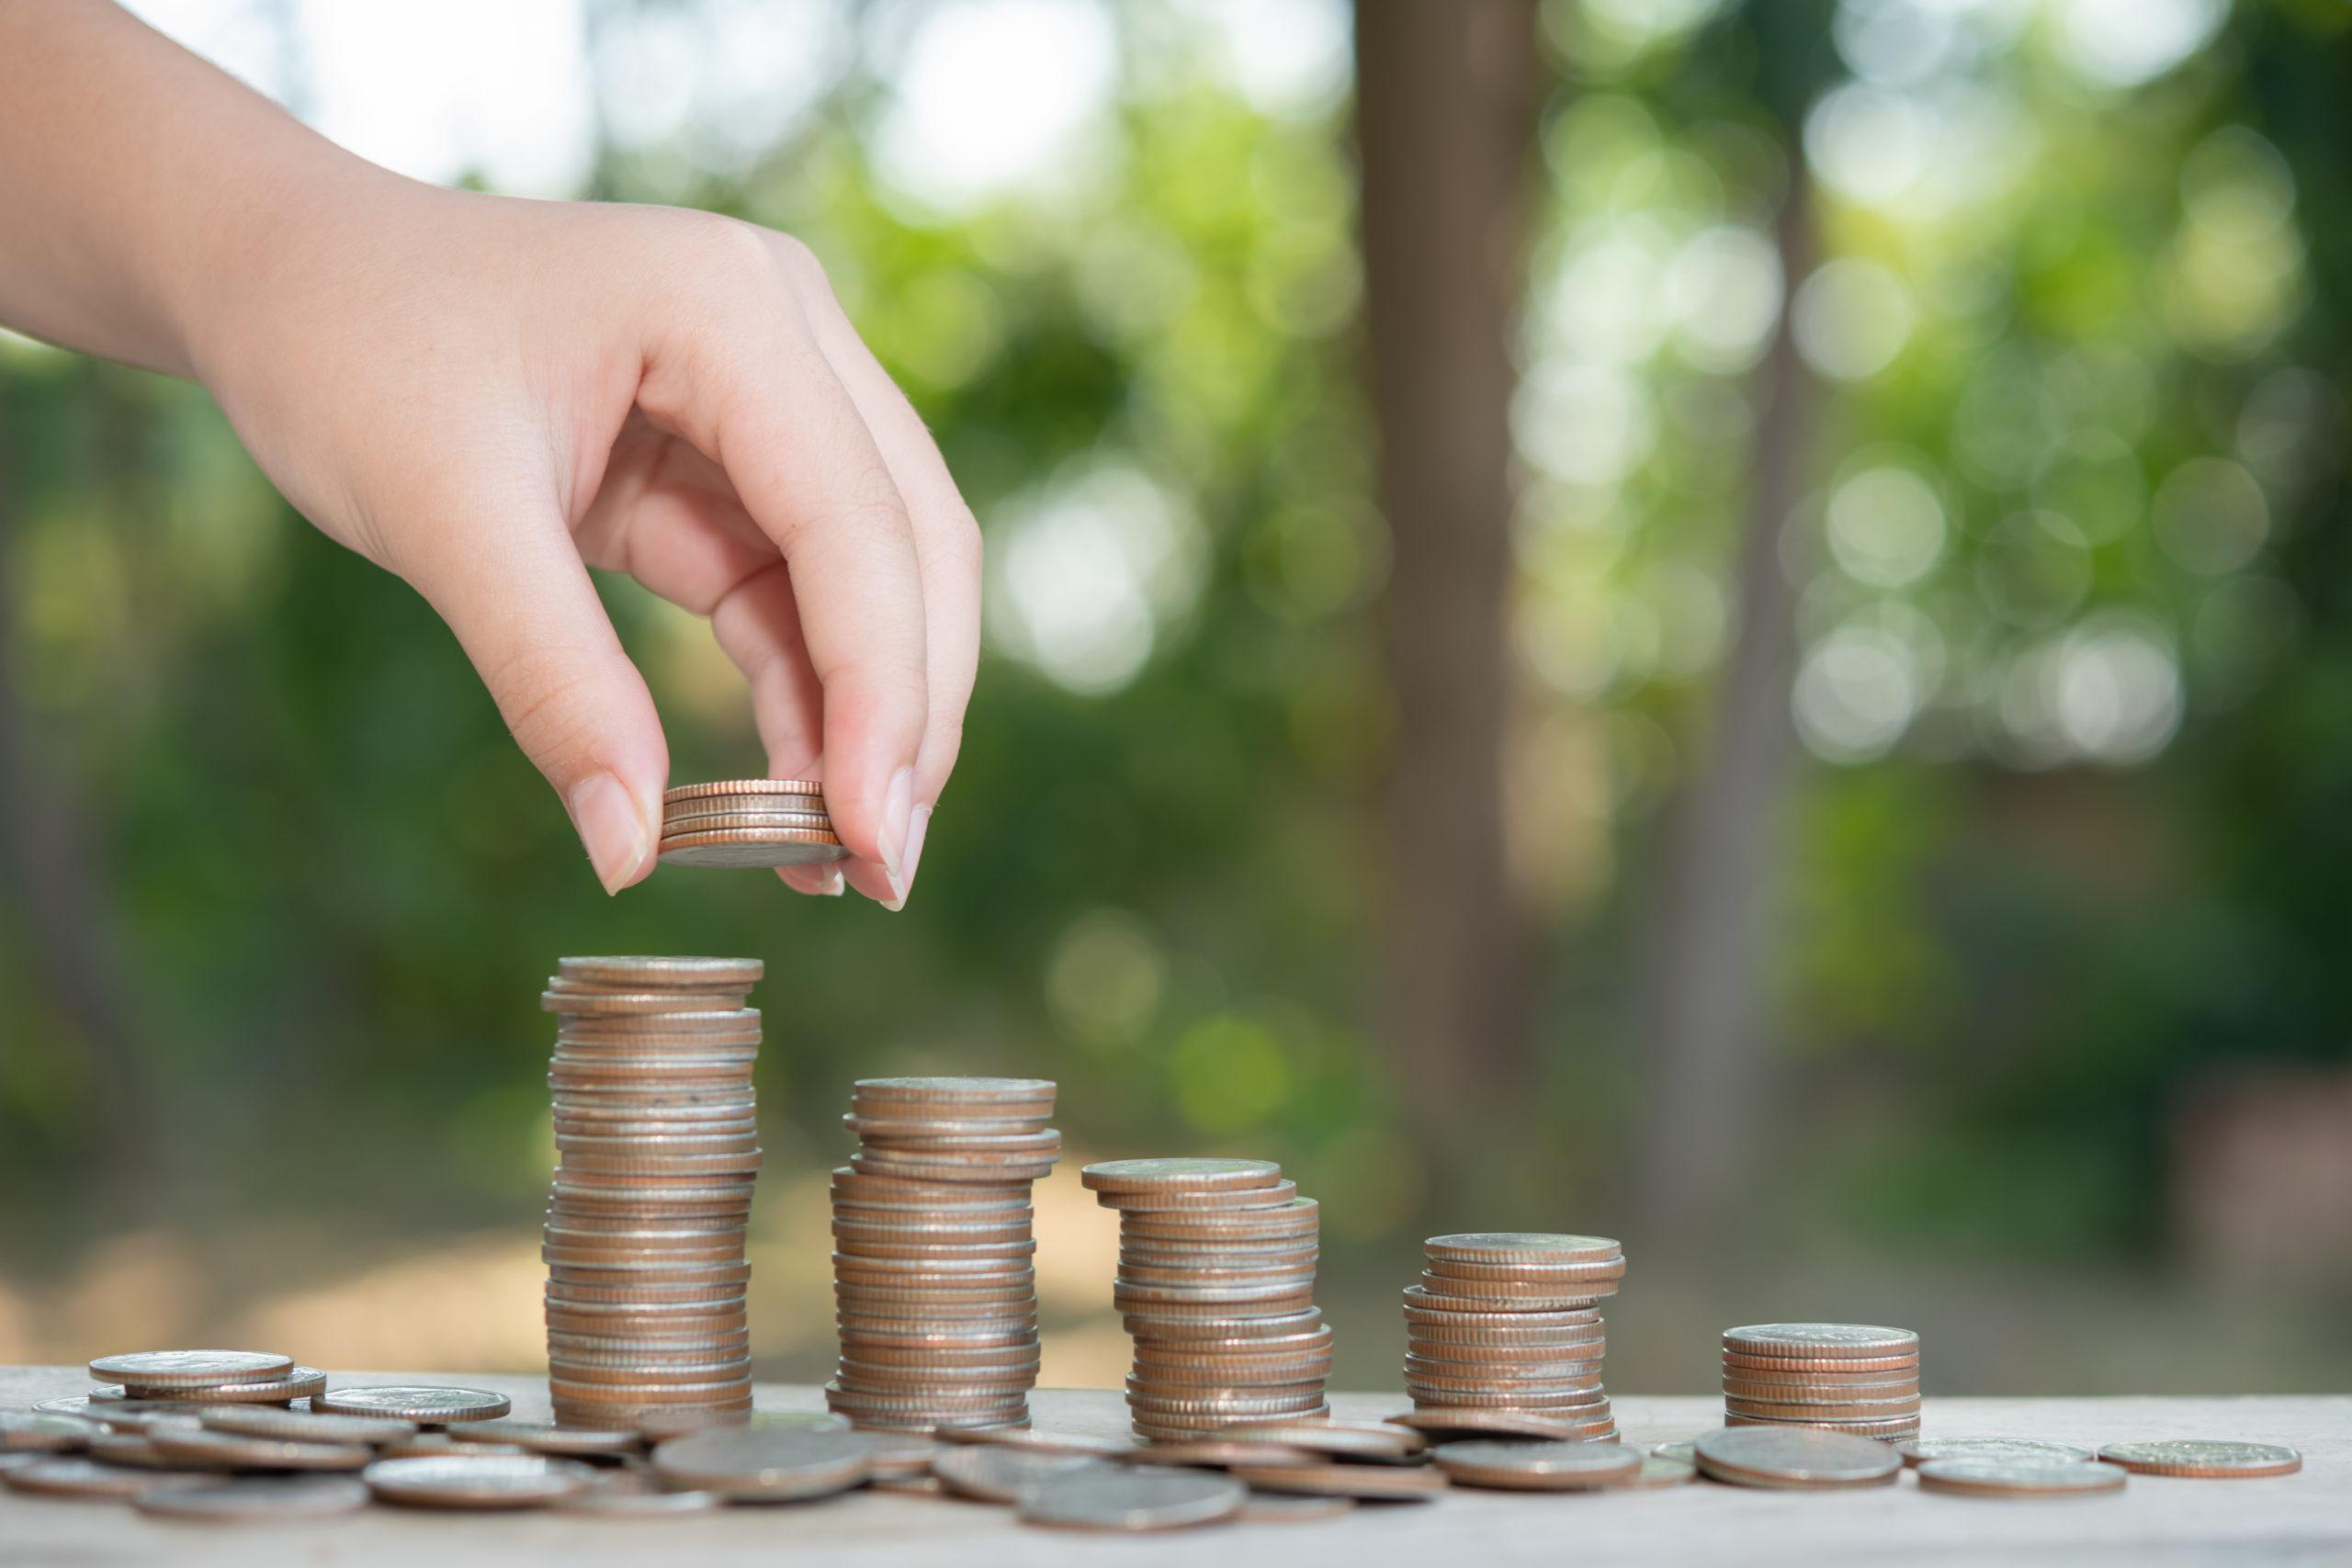 Jenfi- Ưu và nhược điểm của 5 giải pháp vay vốn kinh doanh phổ biến